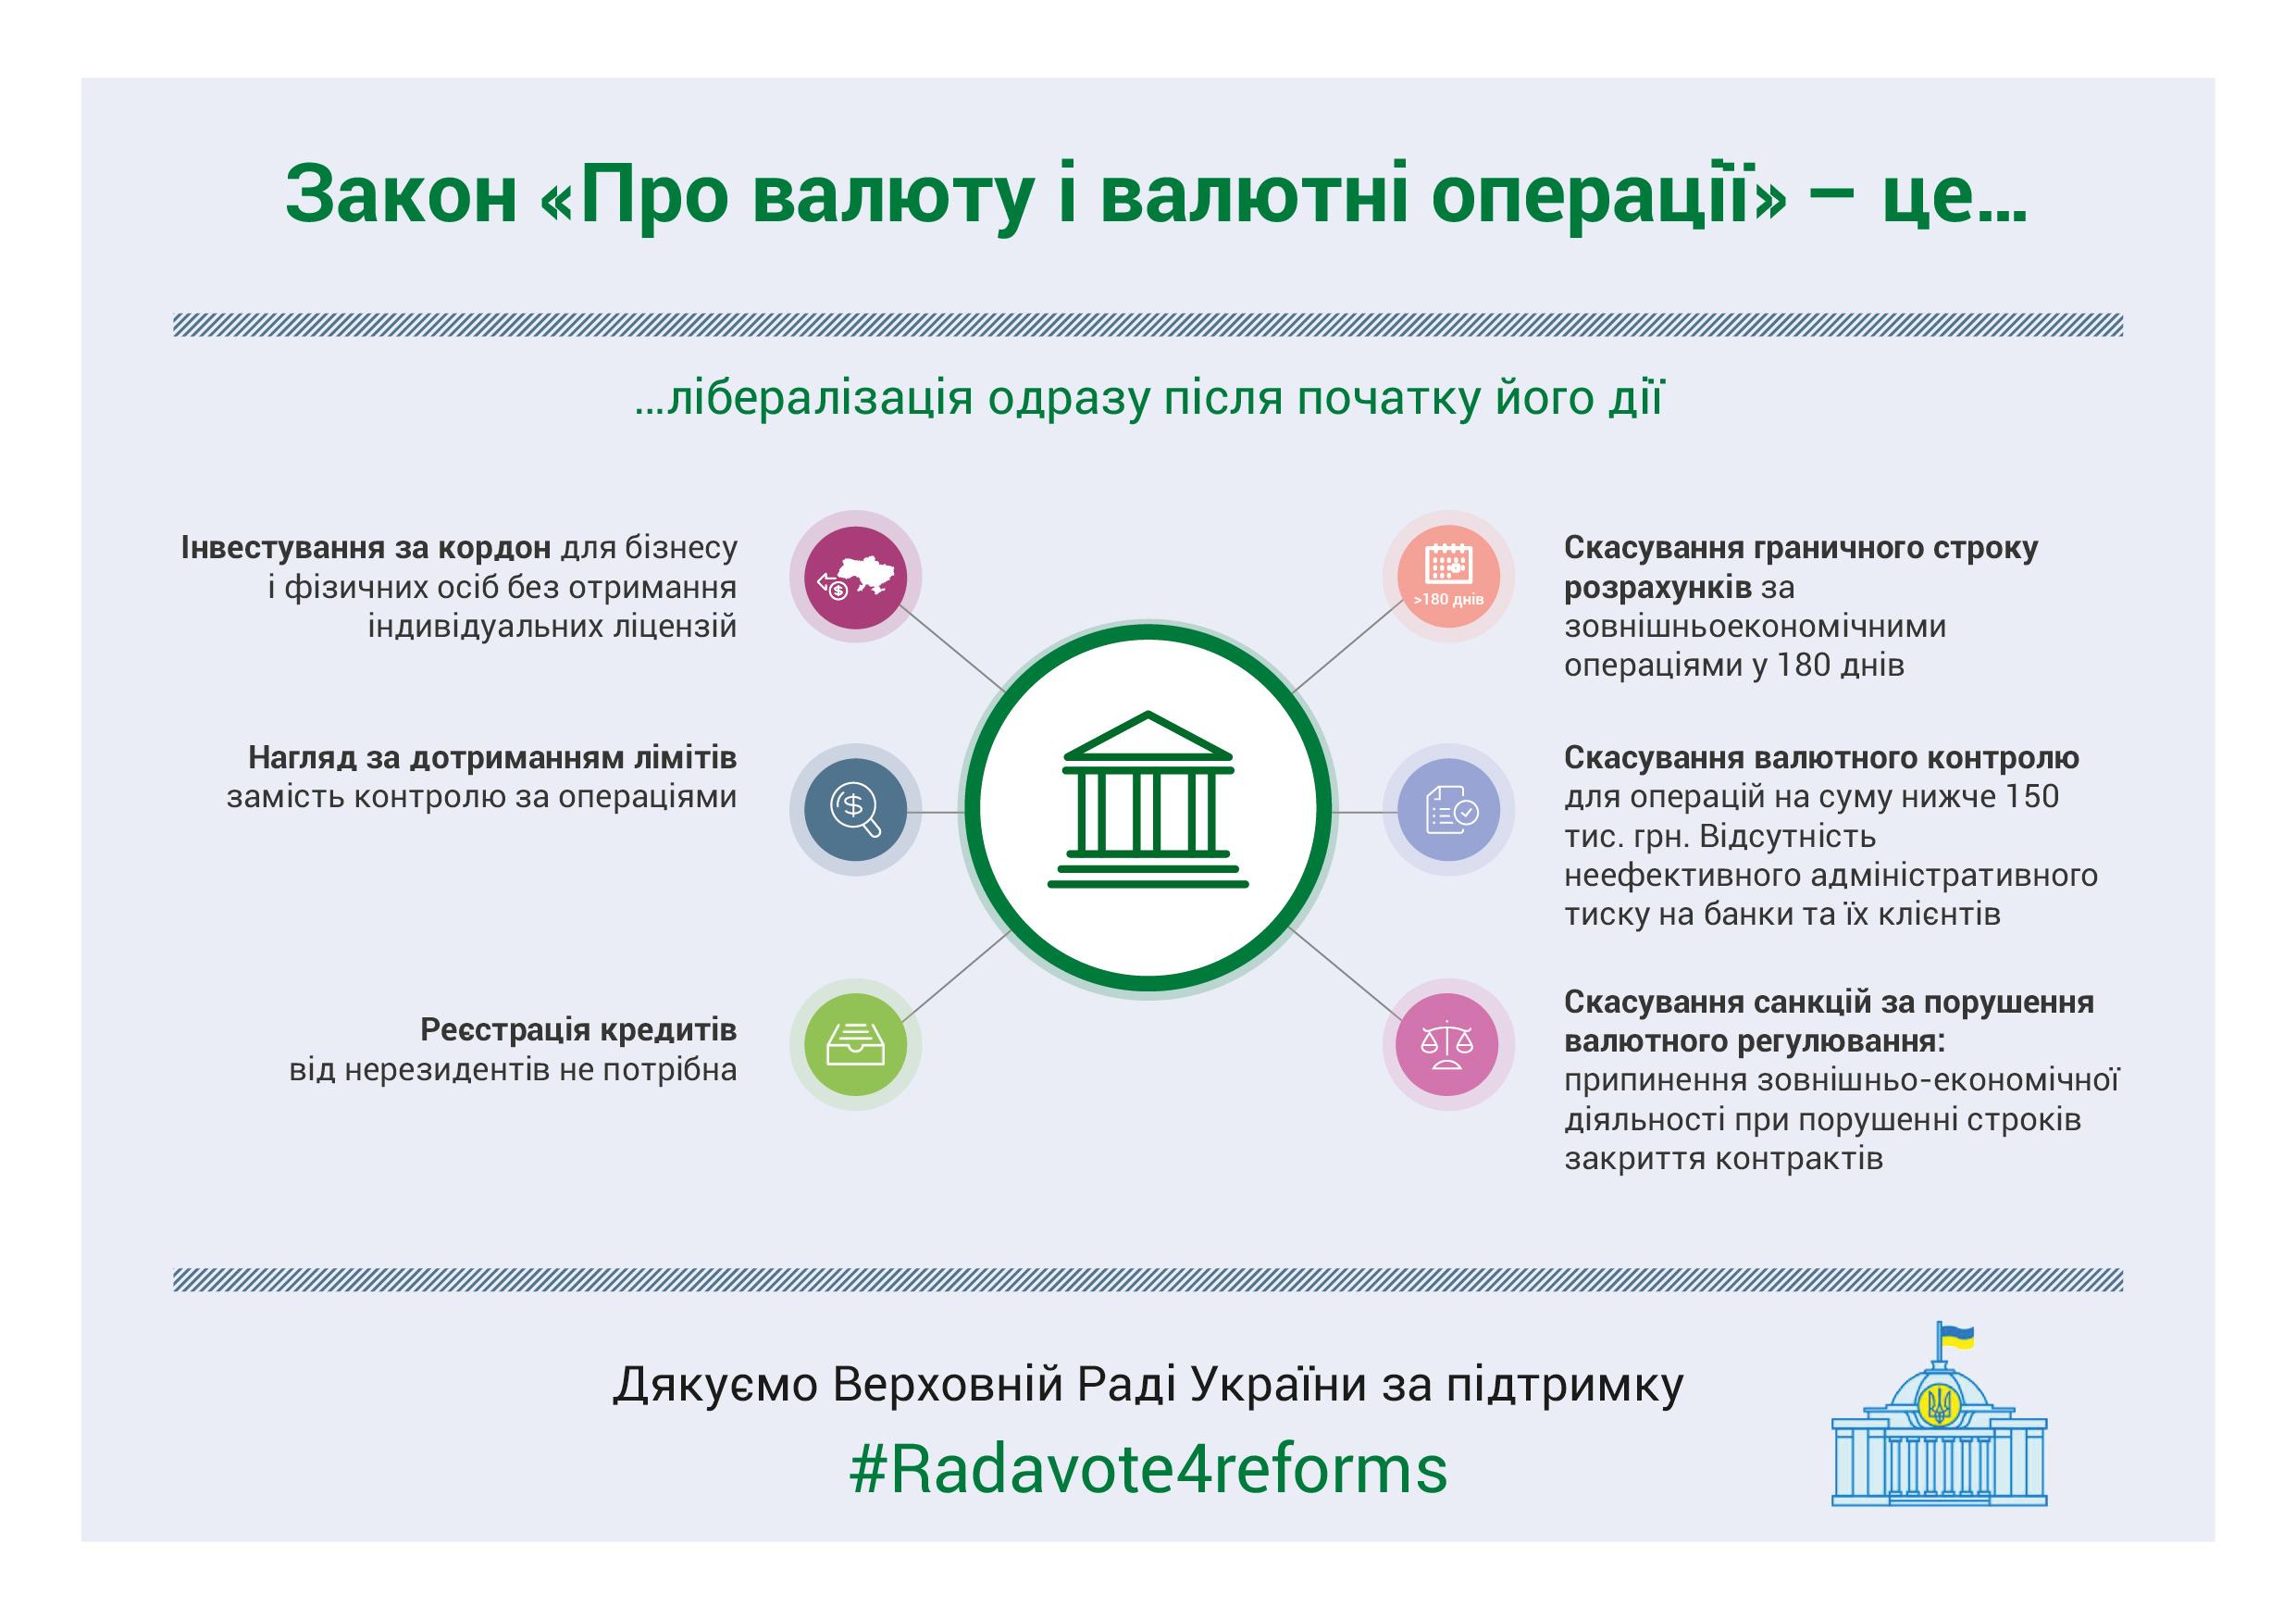 НБУ_инфографика 2